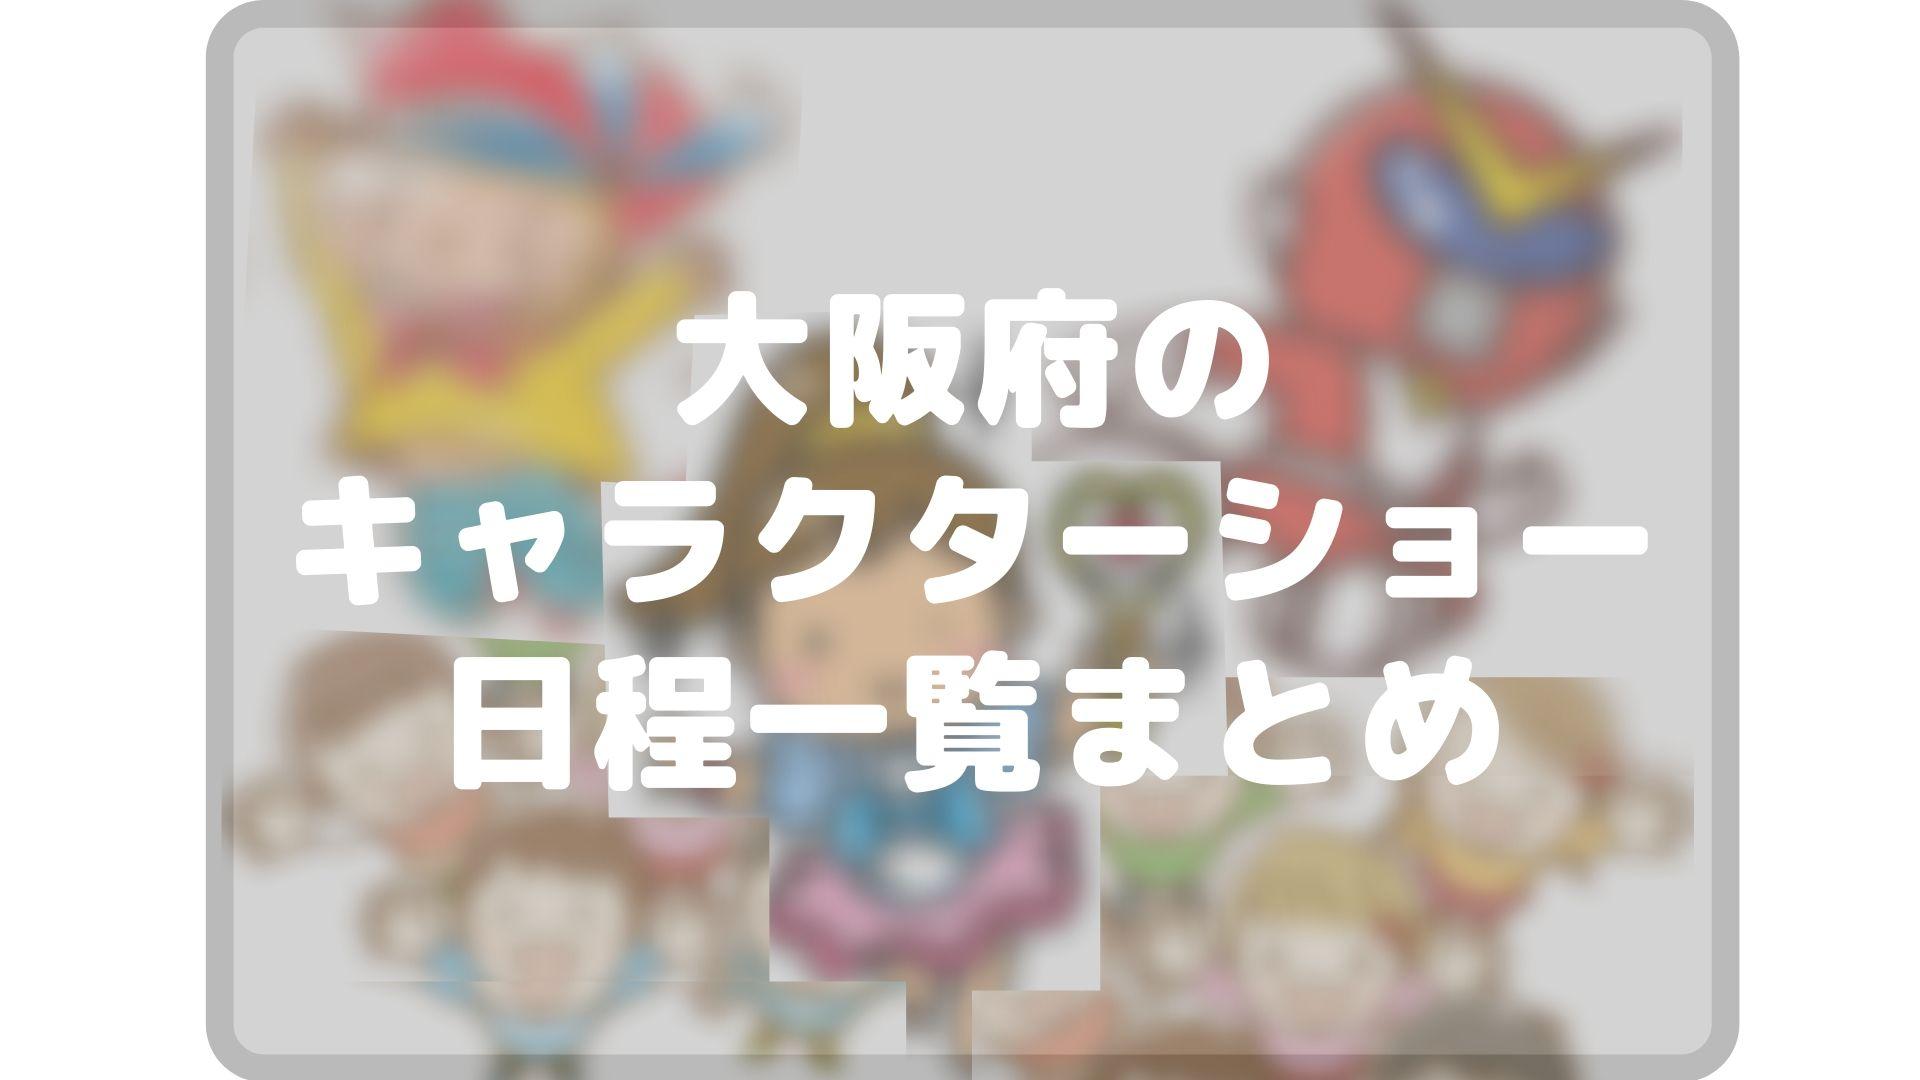 大阪府のキャラクターショーまとめタイトル画像